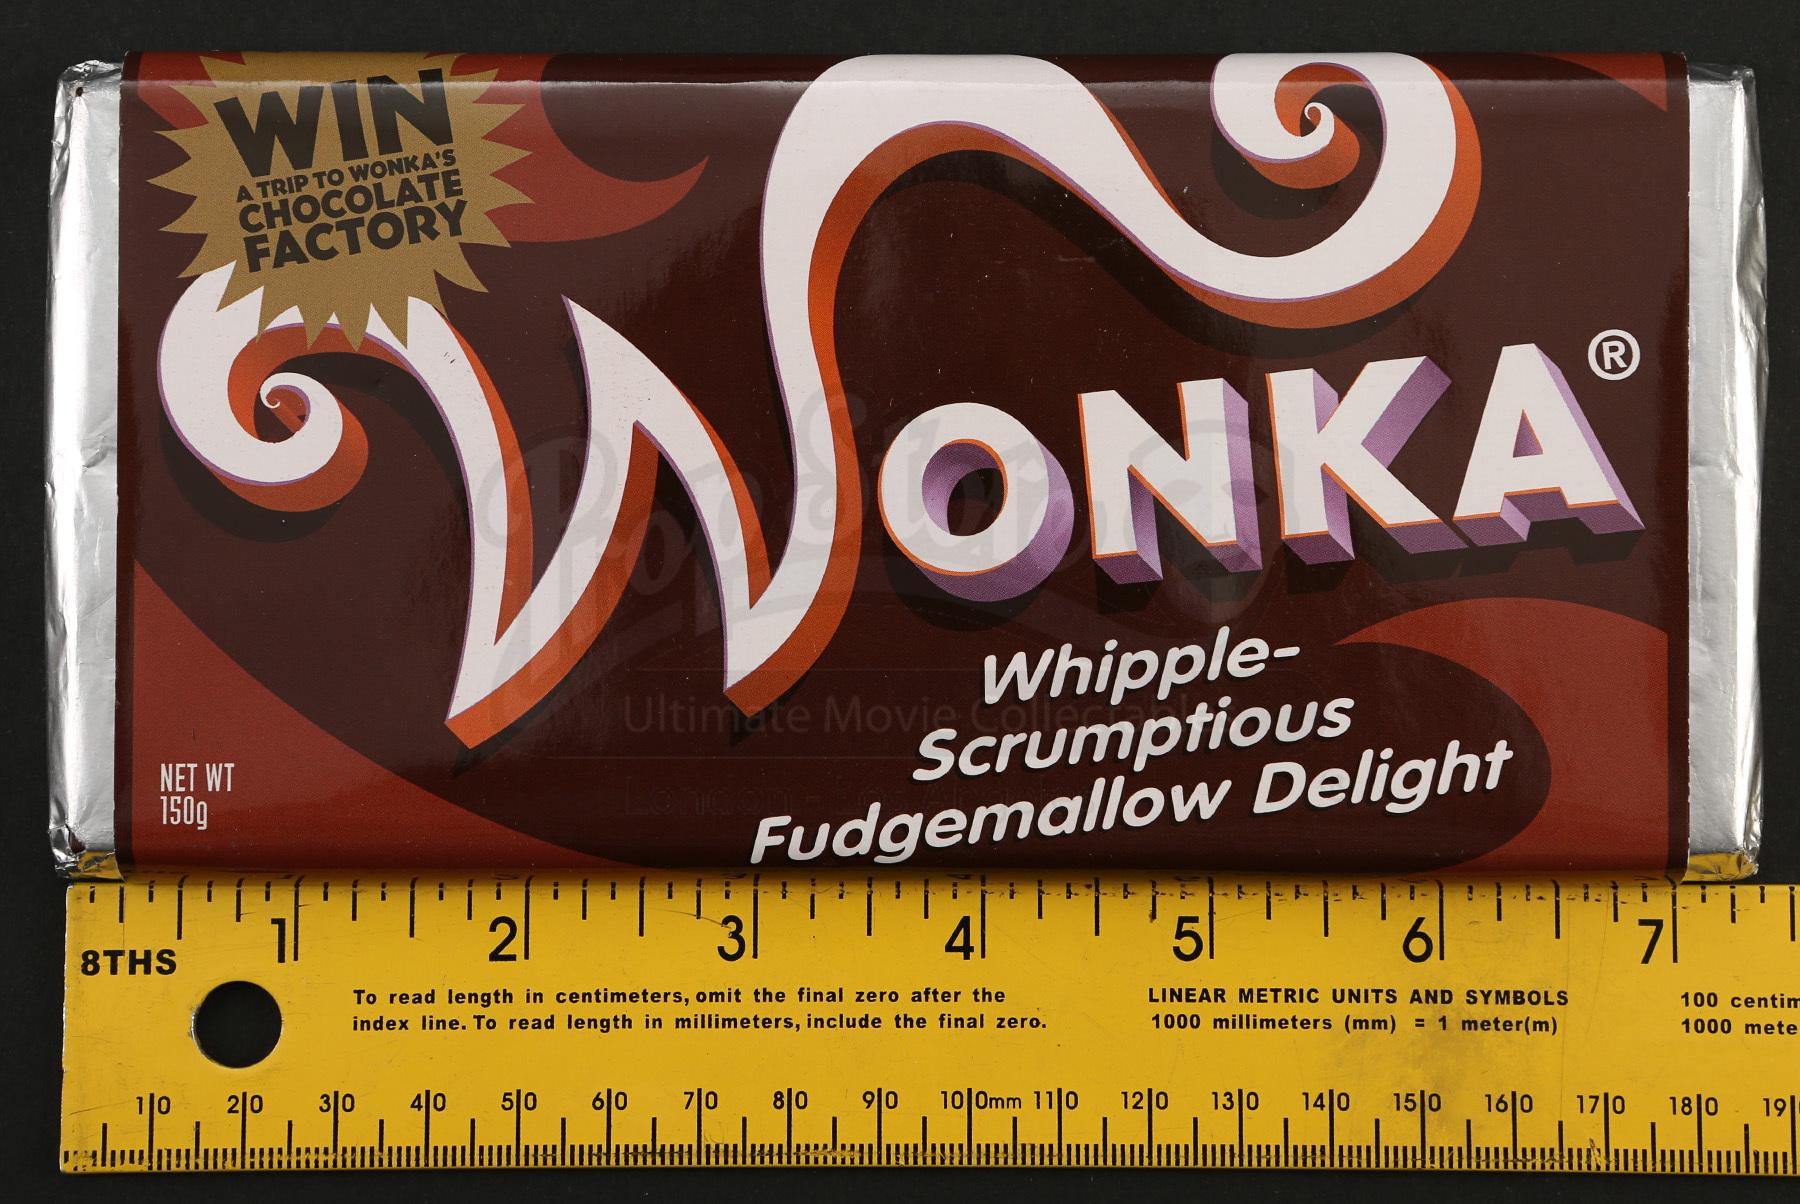 wonka bar whipplescrumptious fudgemallow delight prop